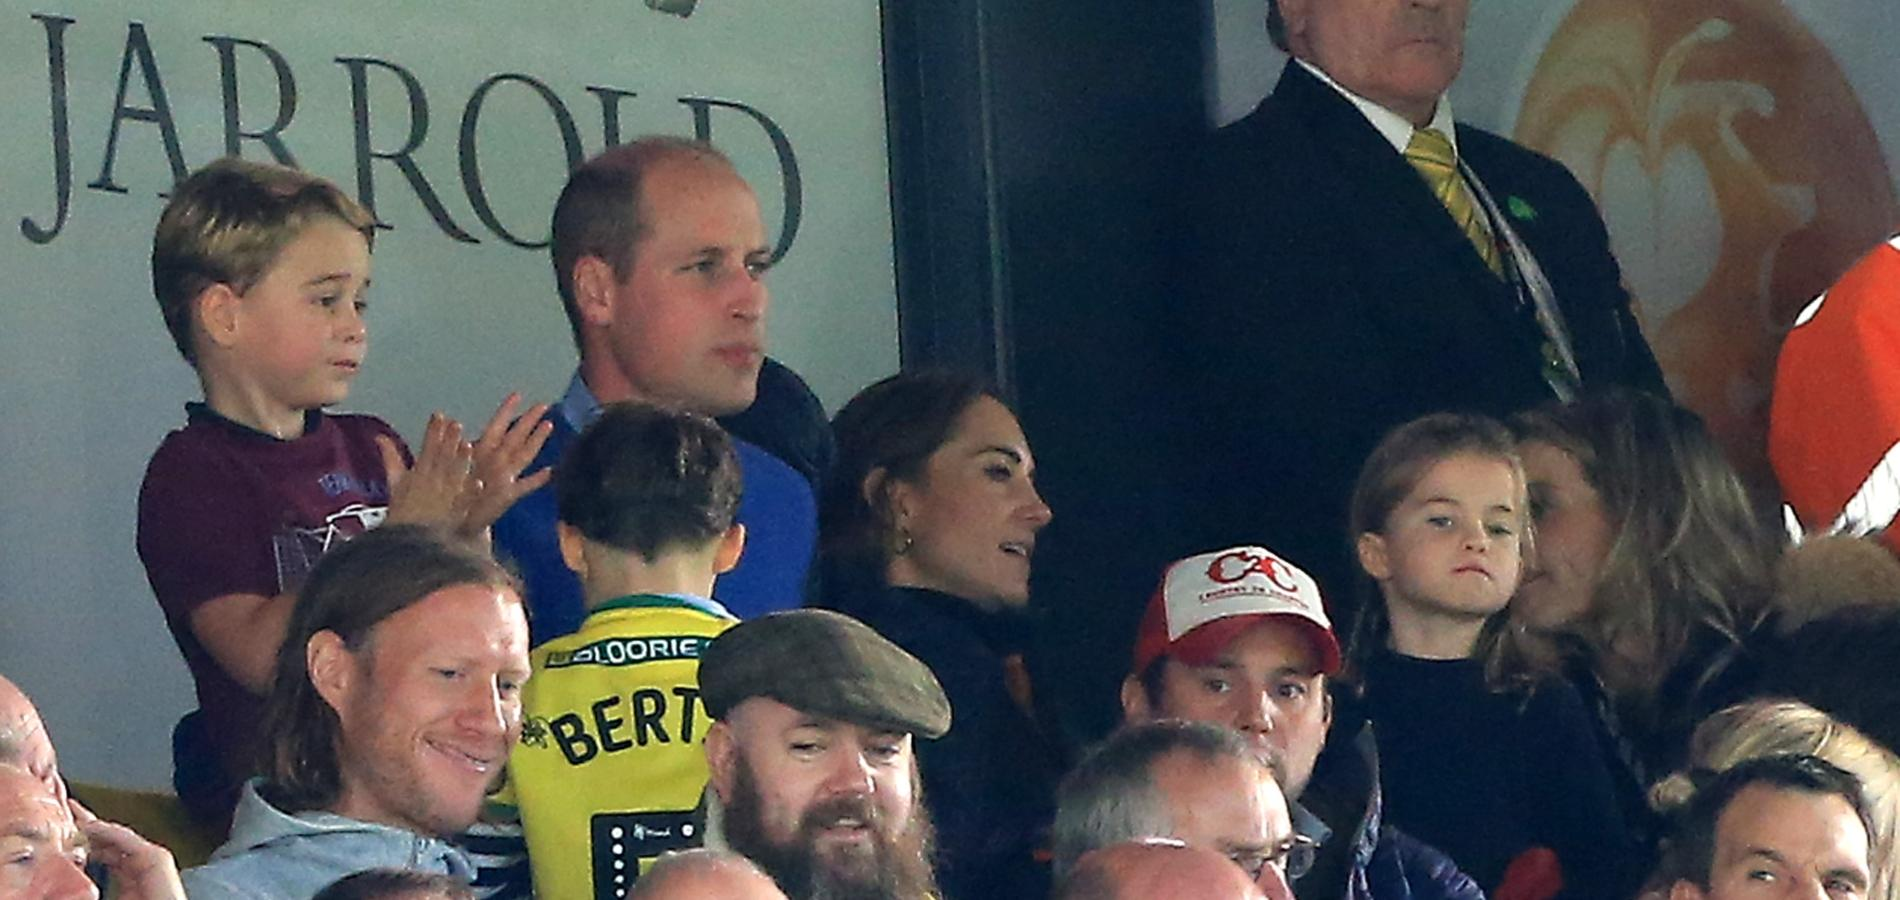 En vidéo, la réaction enflammée du prince George lors d'un match de football